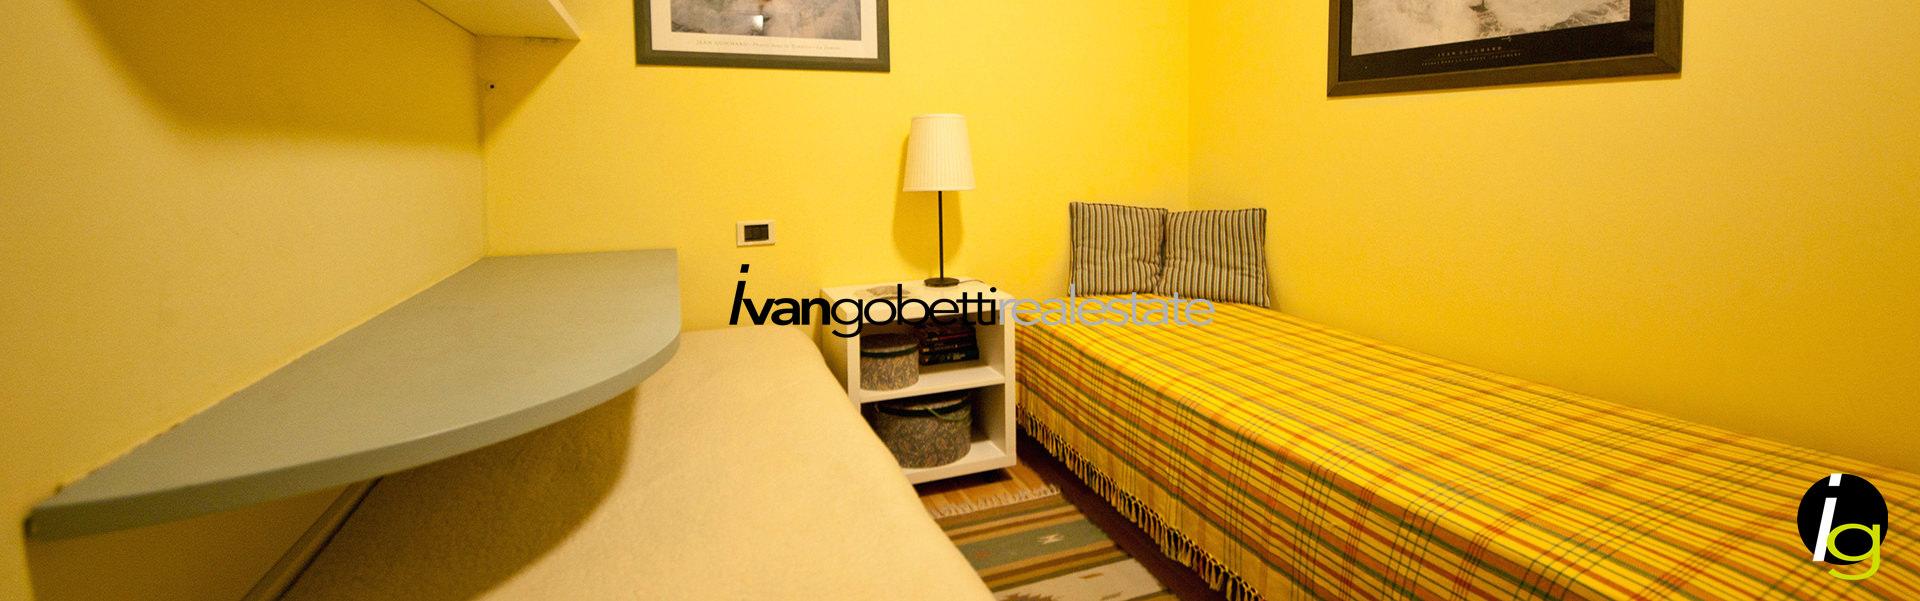 Vendesi appartamento a Verbania sul Lago Maggiore